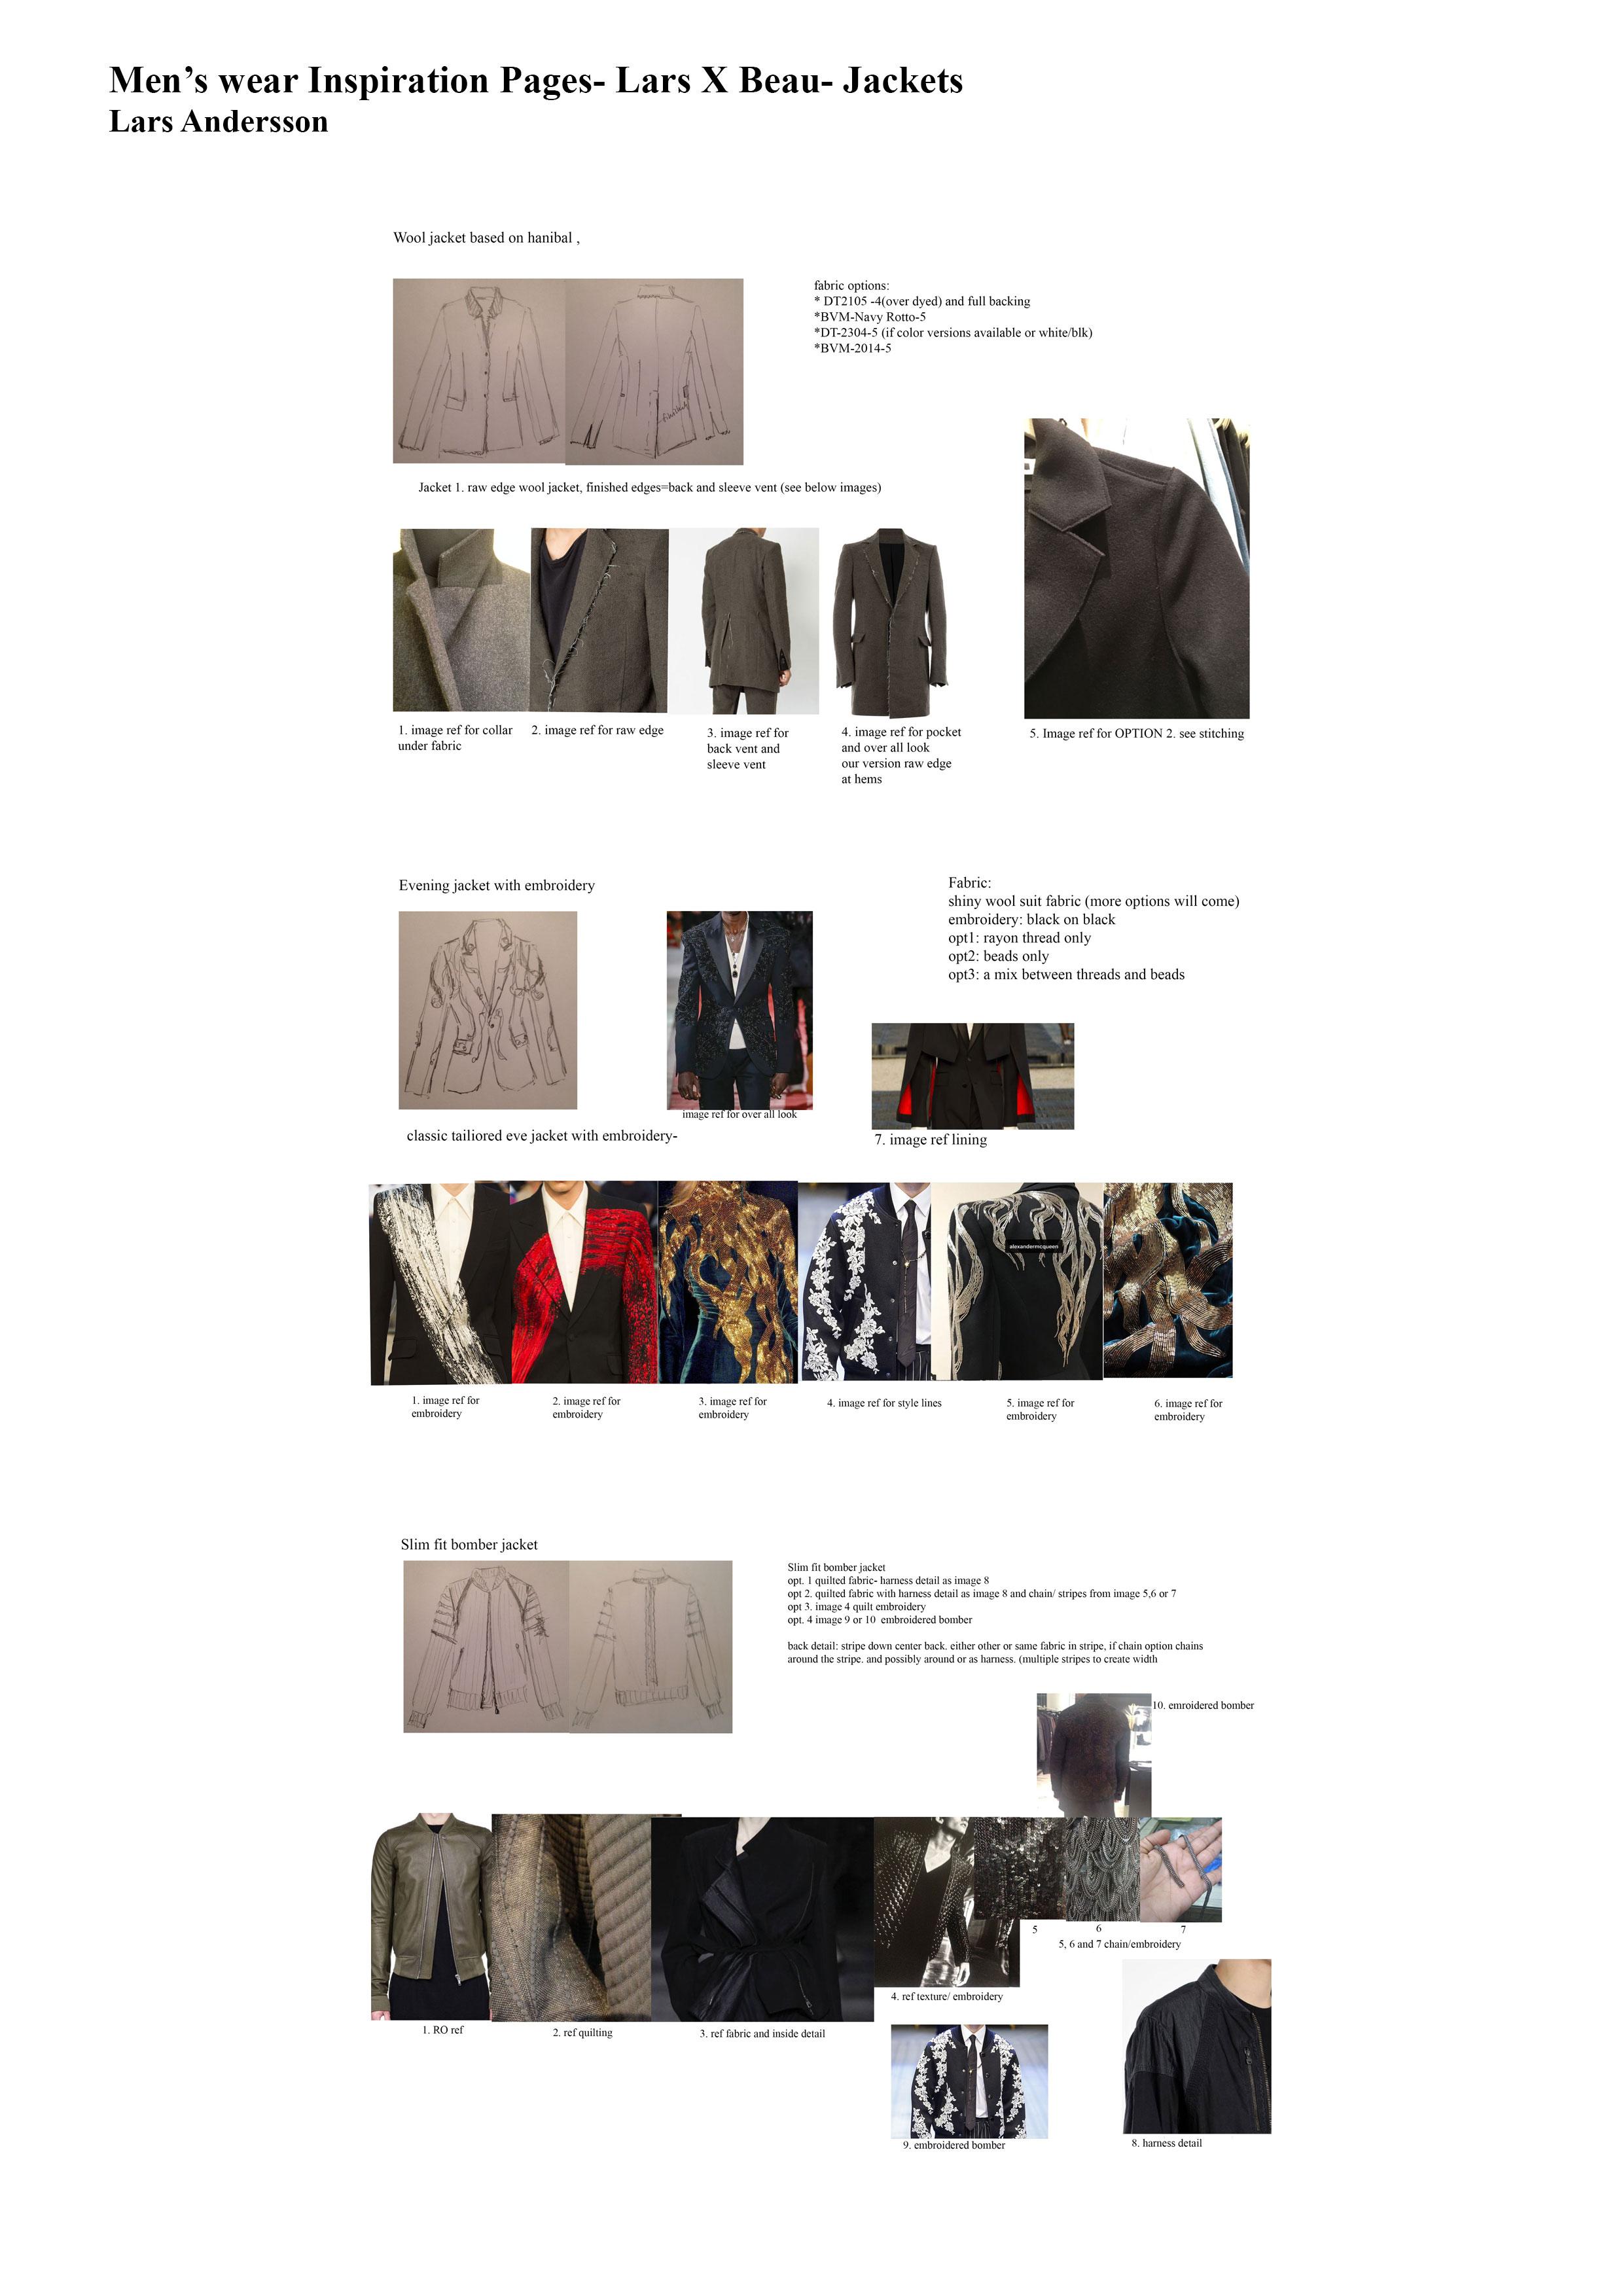 Lars-X-Beau-Jacket.jpg